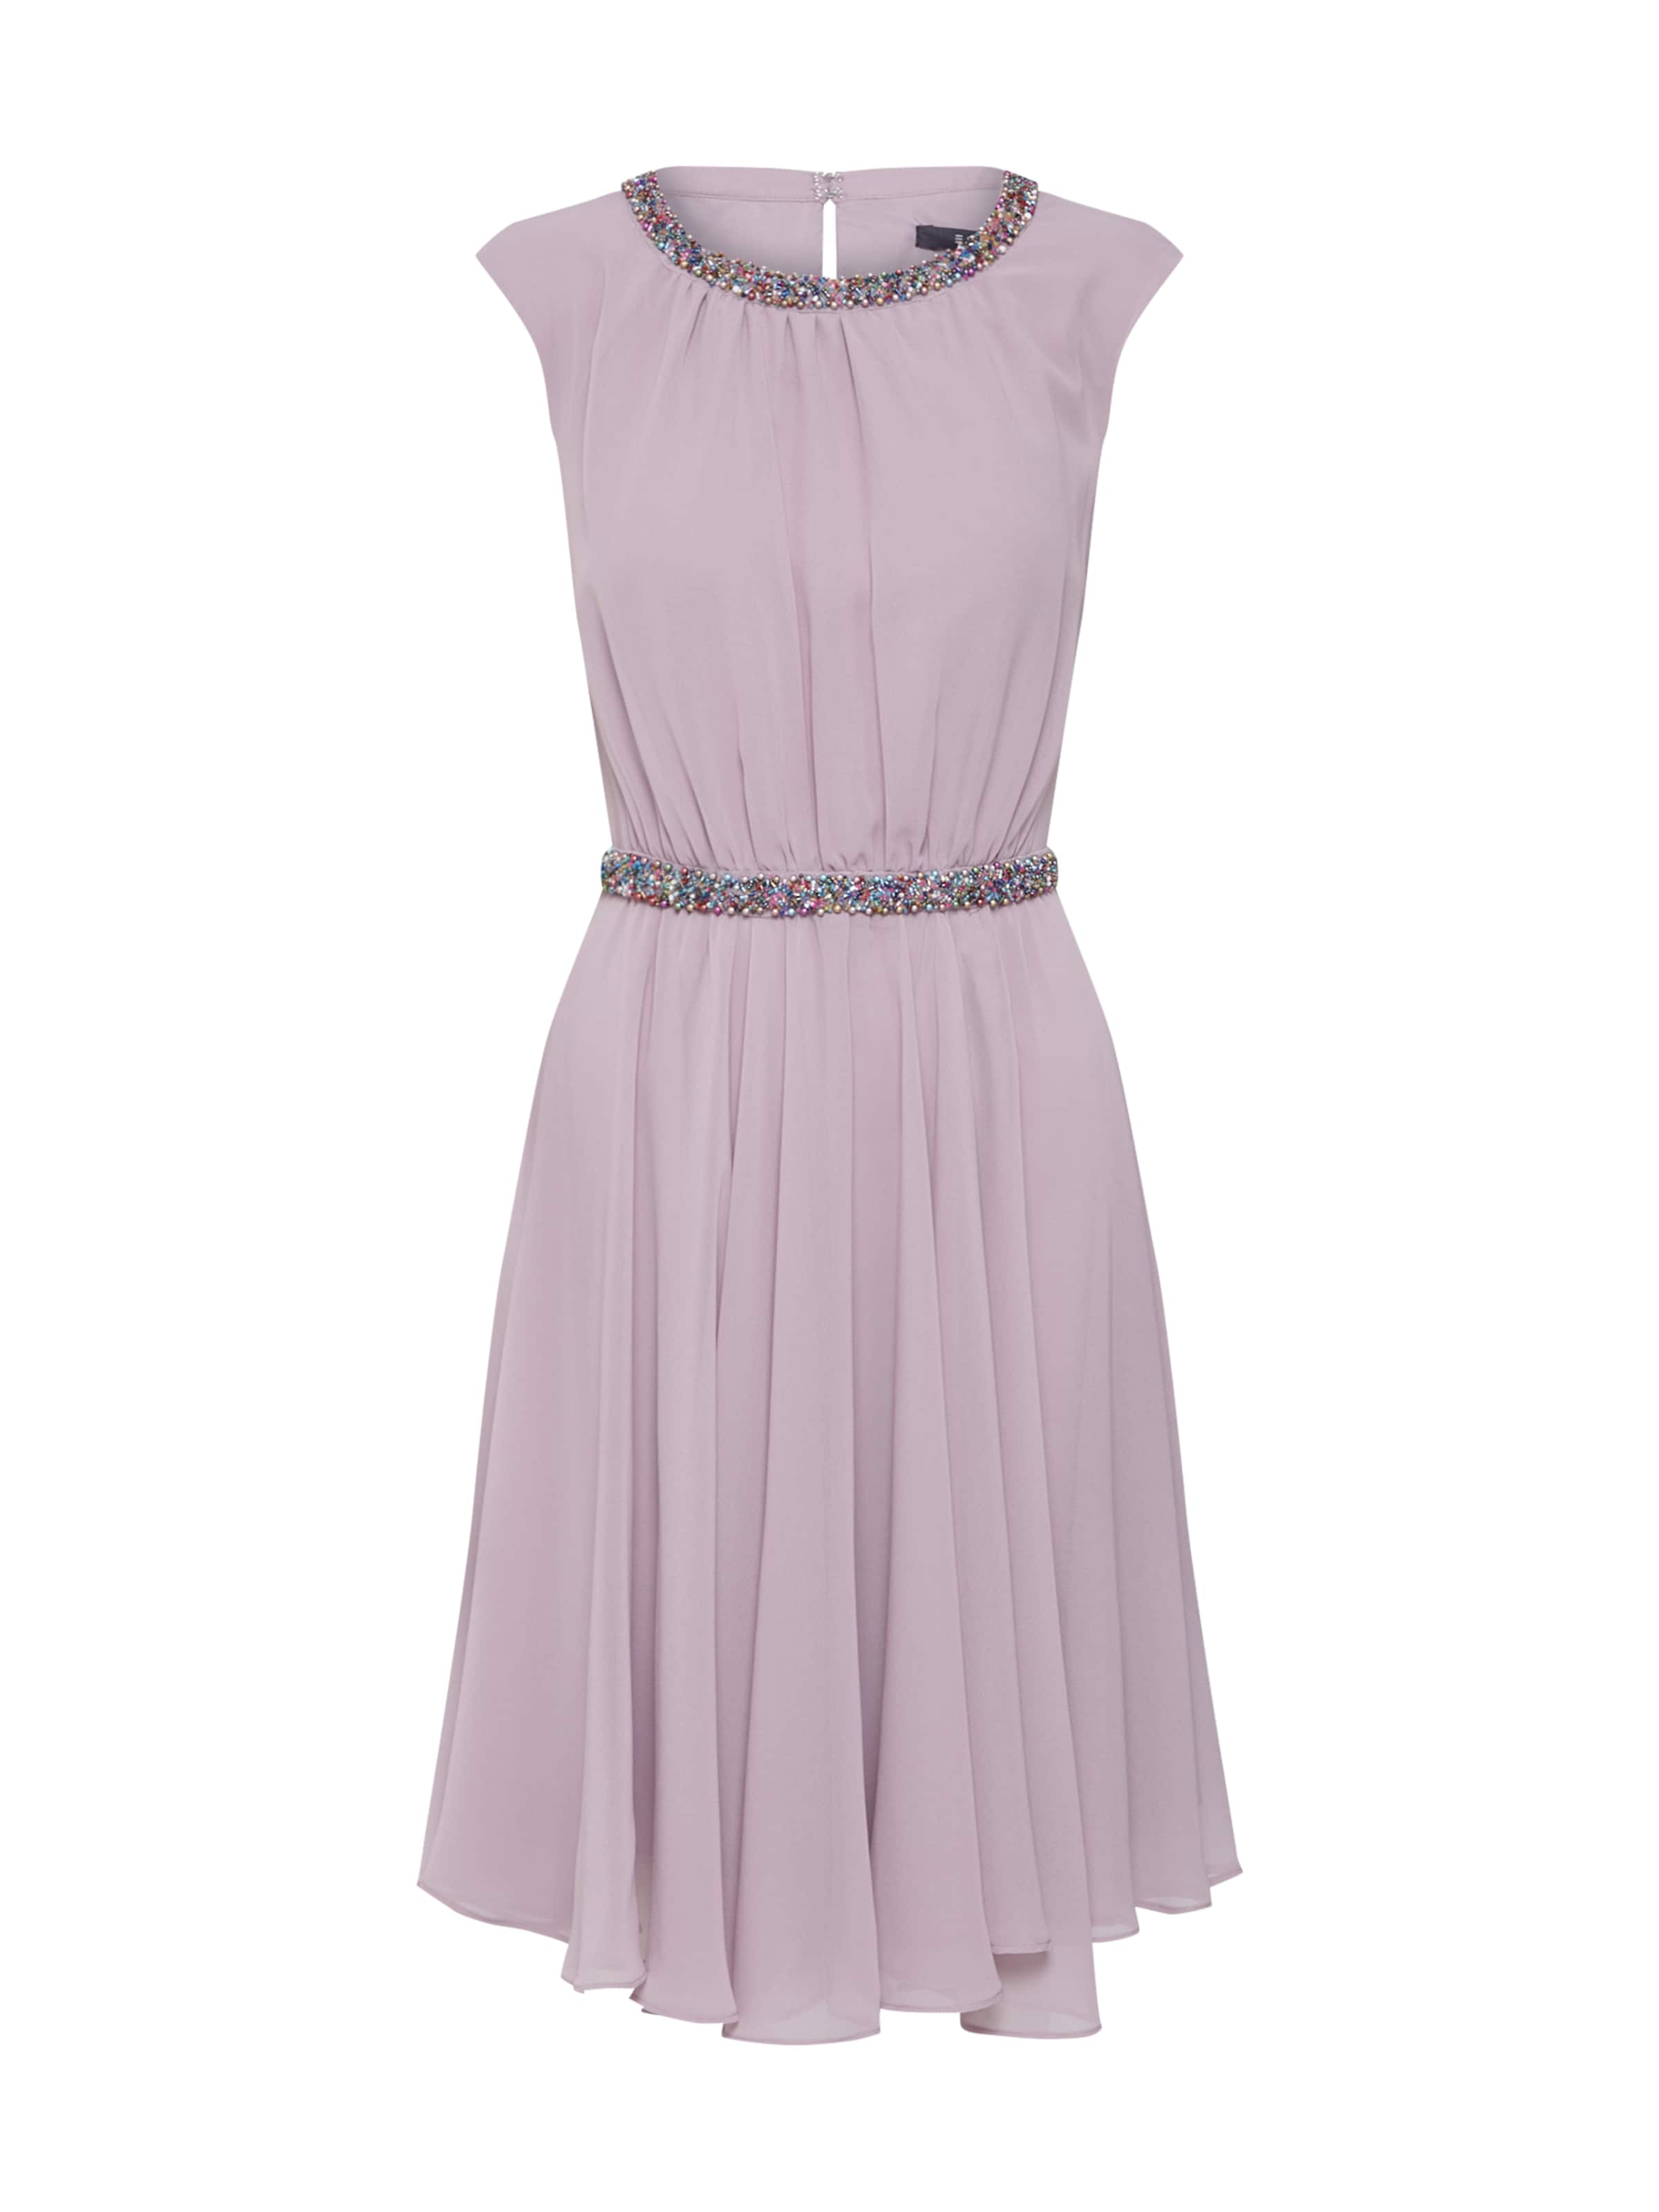 Mauve Kleid Esprit In Collection Collection Esprit In Kleid Mauve PkZwXiTuOl